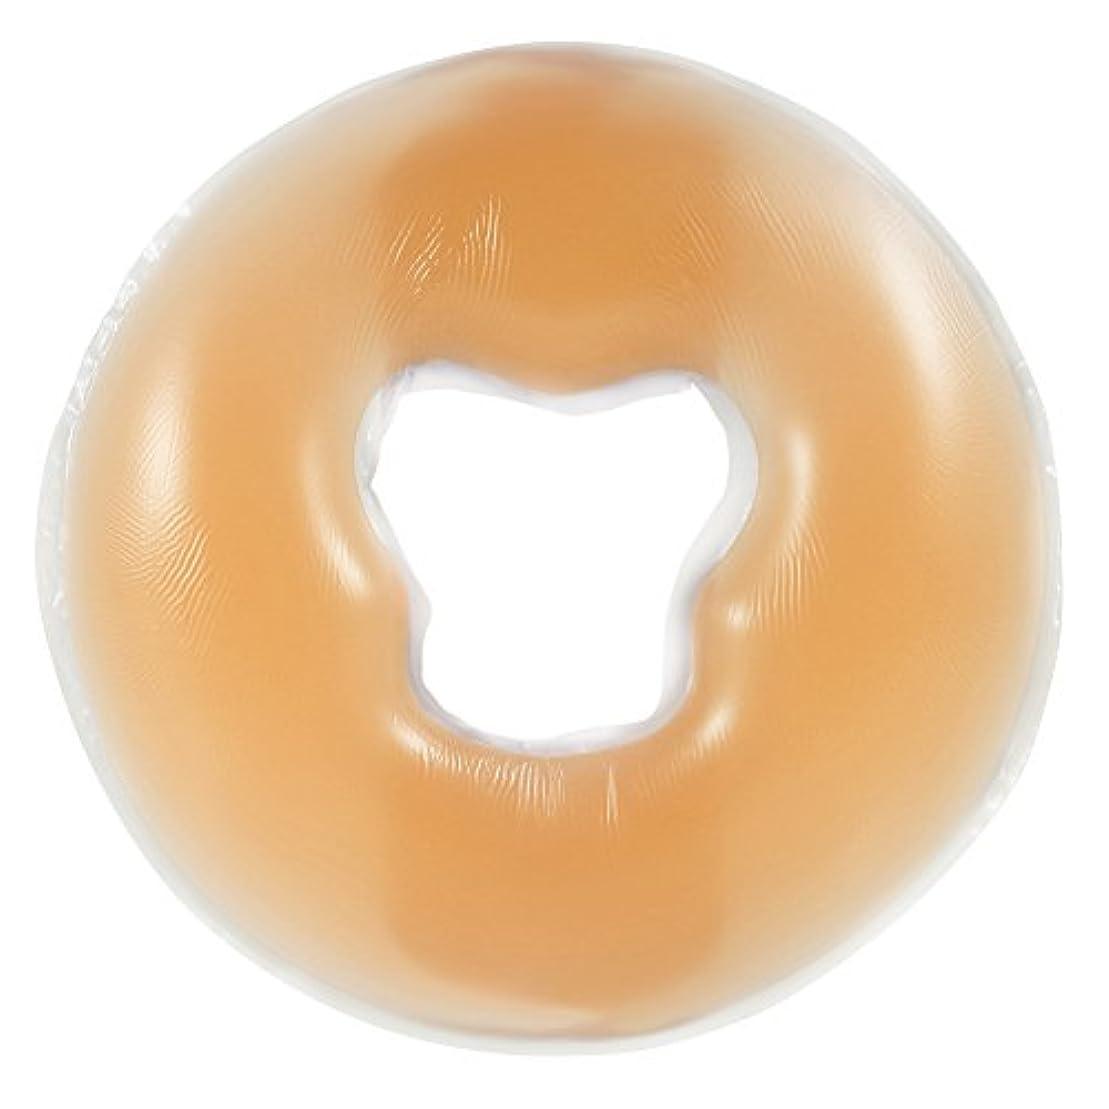 4色シリコンピローマッサージ美容スキンケアソフトオーバーレイフェイスリラックスクレードルクッションパッド(肤色)